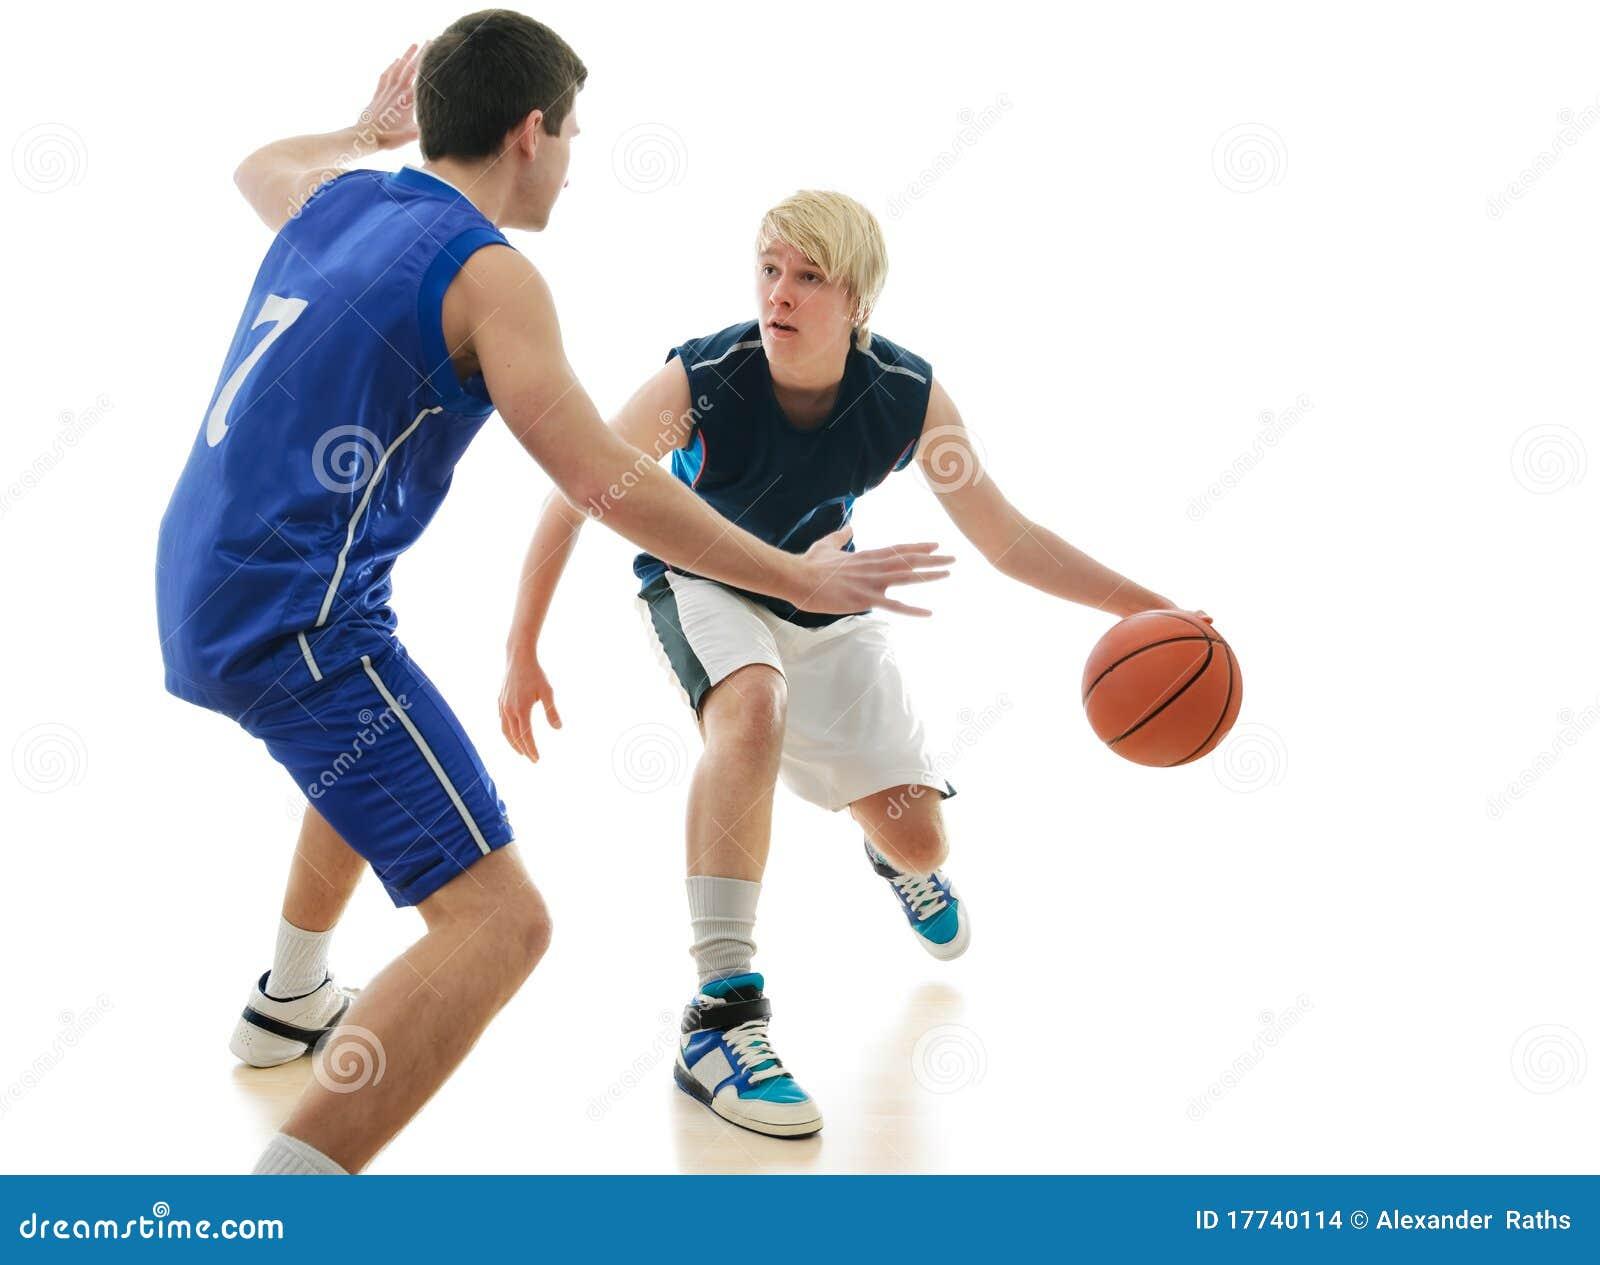 juego de baloncesto com: